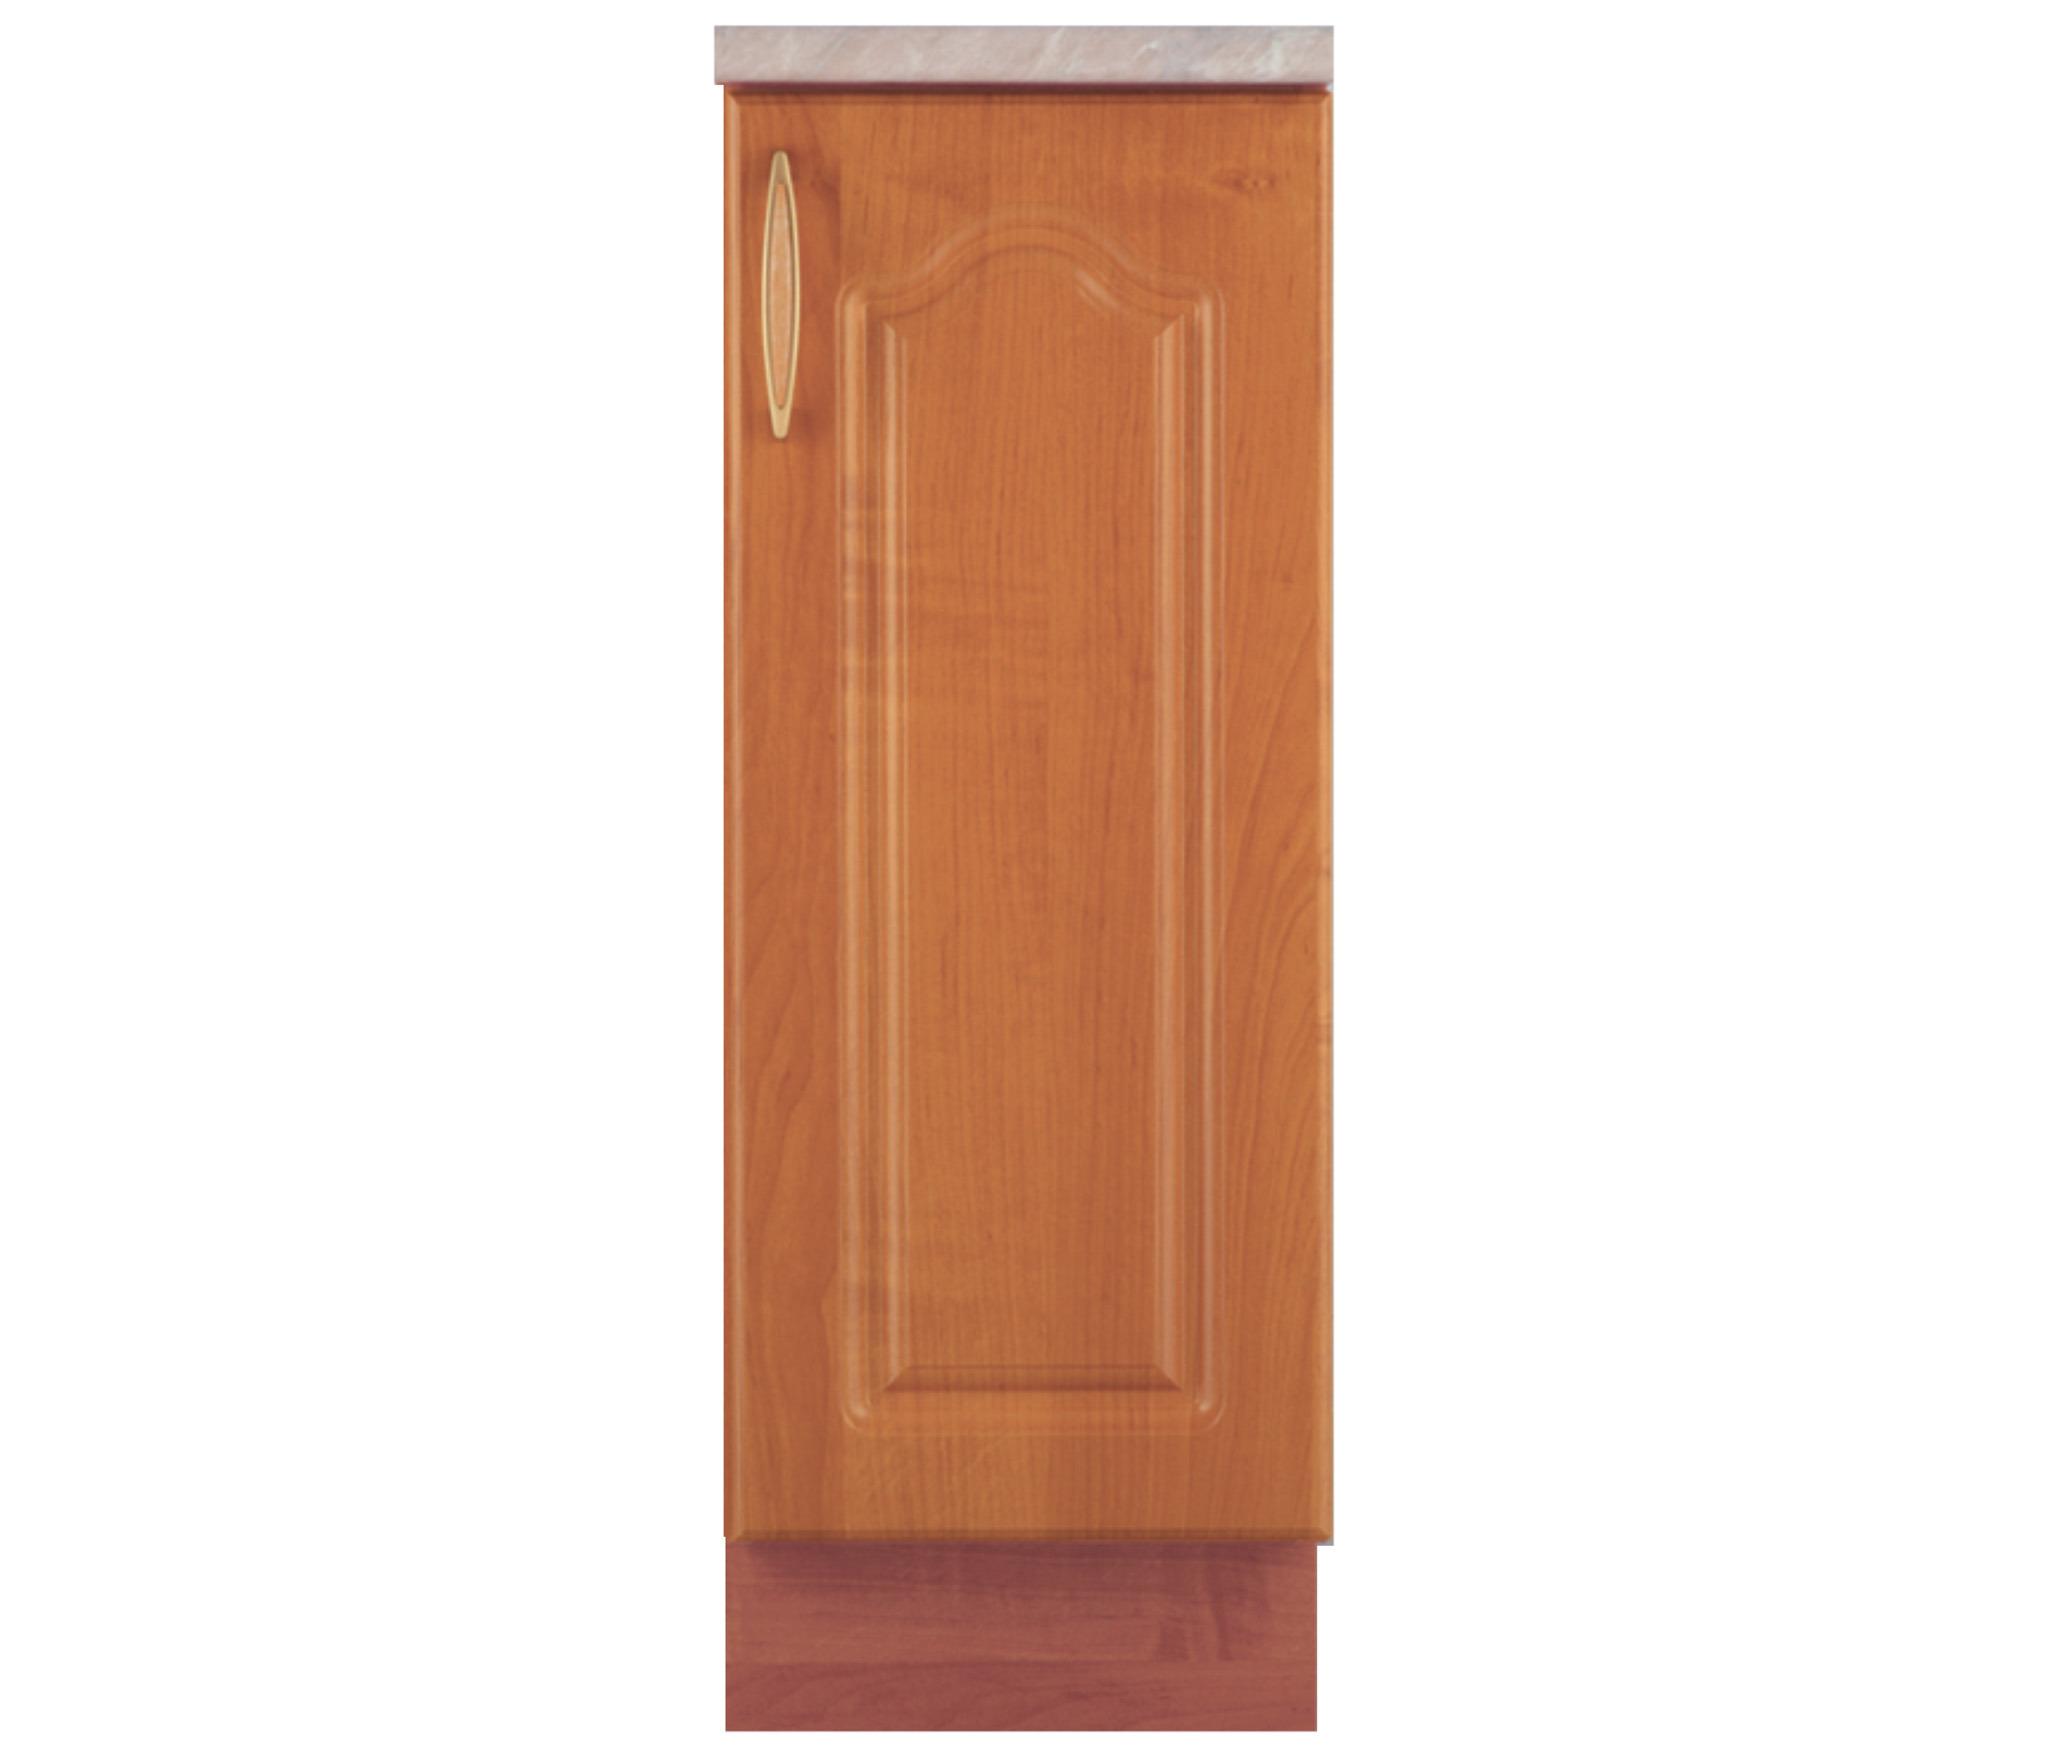 Оля В9 Шкаф-СтолМебель для кухни<br>Лаконичный кухонный стол. Дополнительно рекомендуем приобрести столешницу.